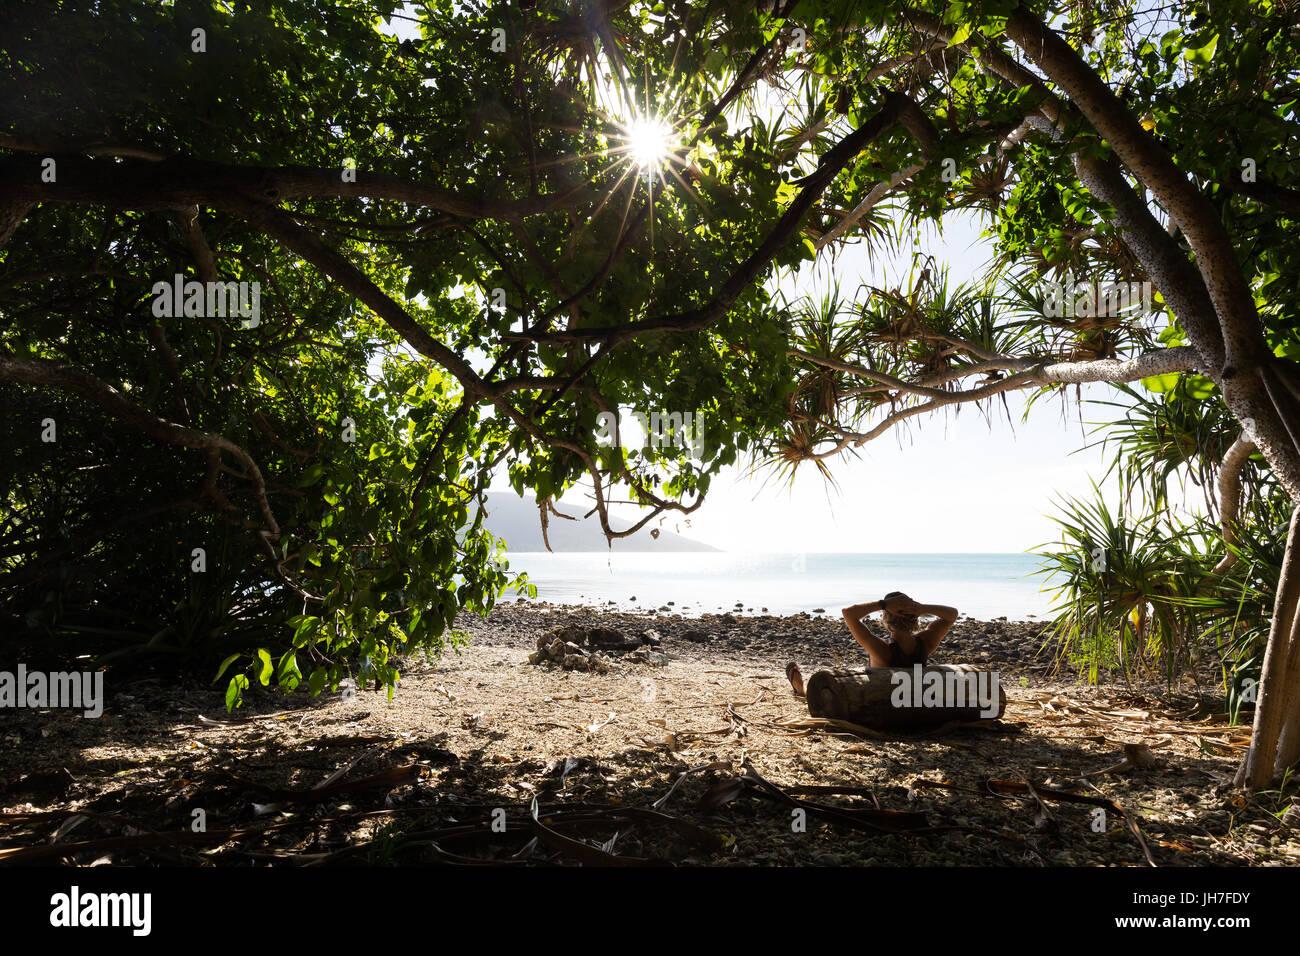 Una persona si appoggia contro un registro e rilassa nell'ombra di un albero, fuori il sole caldo, su una bella Immagini Stock